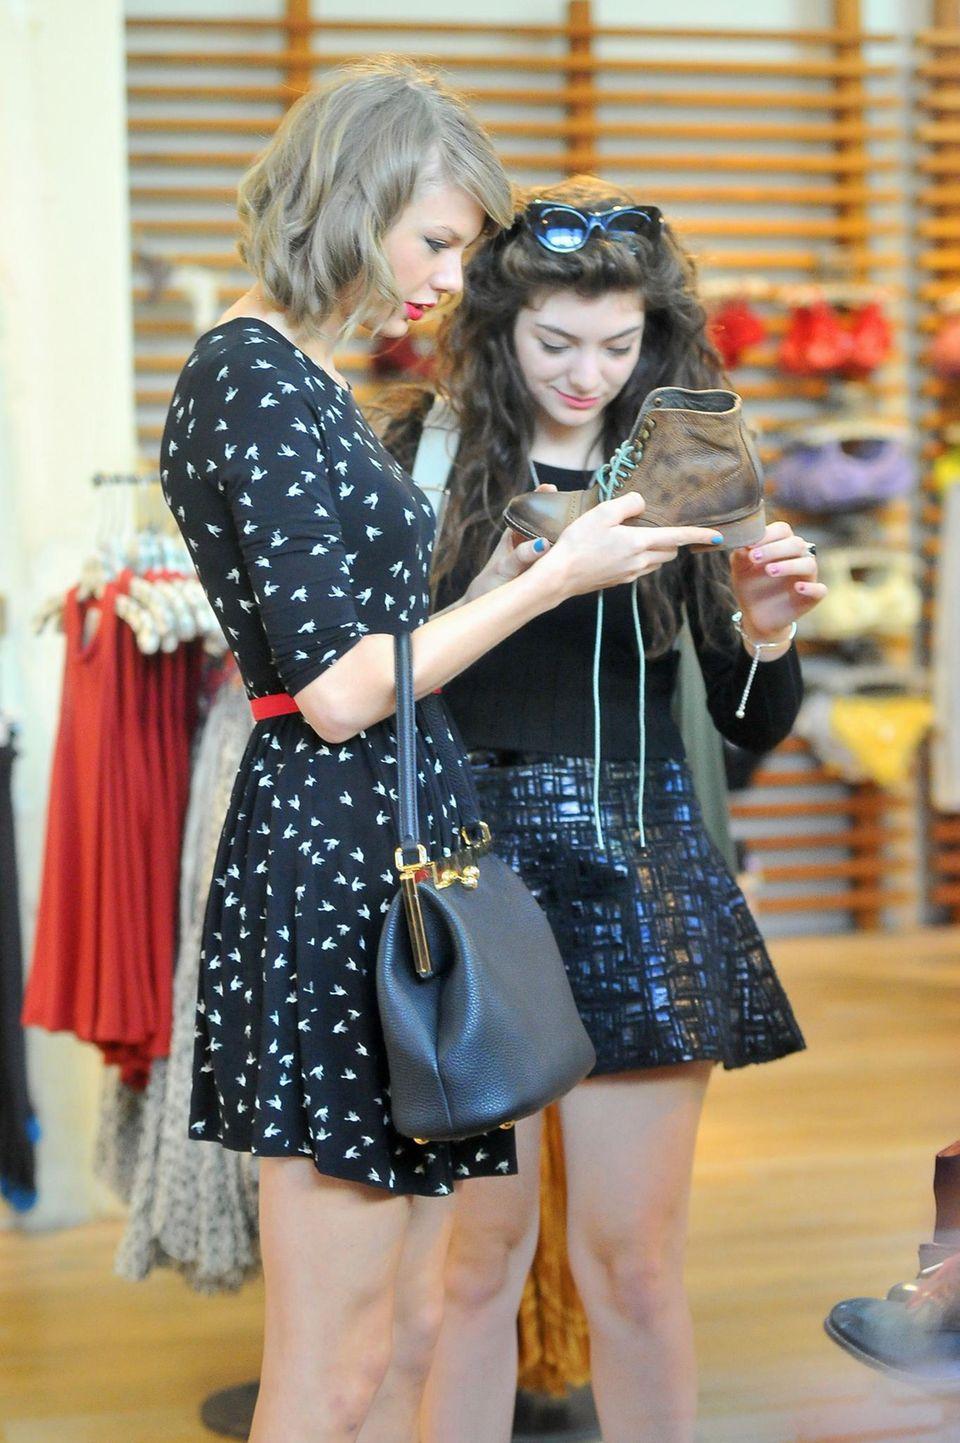 """Die Freundschaft von Lorde und Taylor Swift stand zuerst unter keinem guten Stern: Lorde hatte im Sommer 2013 ganz schön gegen Teenie-Stars wie Taylor, Selena Gomez, 21, oder auch Justin Bieber, 20, gehetzt. Doch es scheint ganz so, als habe sich Lorde bei der Countrysängerin entschuldigt. Taylor Swift ist auch wirklich nicht nachtragend, immerhin feierte Lorde als einzige ihrer Promifreundinnen Taylors Geburtstag im Dezember 2013. Die Entertainerin ist 24 geworden und war wegen ihrer Tour gerade in Australien unterwegs. Lorde, die aus Neuseeland stammt, jettete kurz rüber, um mit ihrer Freundin anzustoßen - und Wunderkerzen abzubrennen. Die beiden gingen im Januar zusammen zur Grammy-Verleihung, bei der Lorde voll abräumte. Obwohl sie an dem Abend wider Erwarten leer ausging, freute sich Taylor mit ihrer Freundin. """"Wir gehören immer gegenseitig zu unserem Team"""", schrieb die 24-Jährige an dem Abend bei Twitter."""